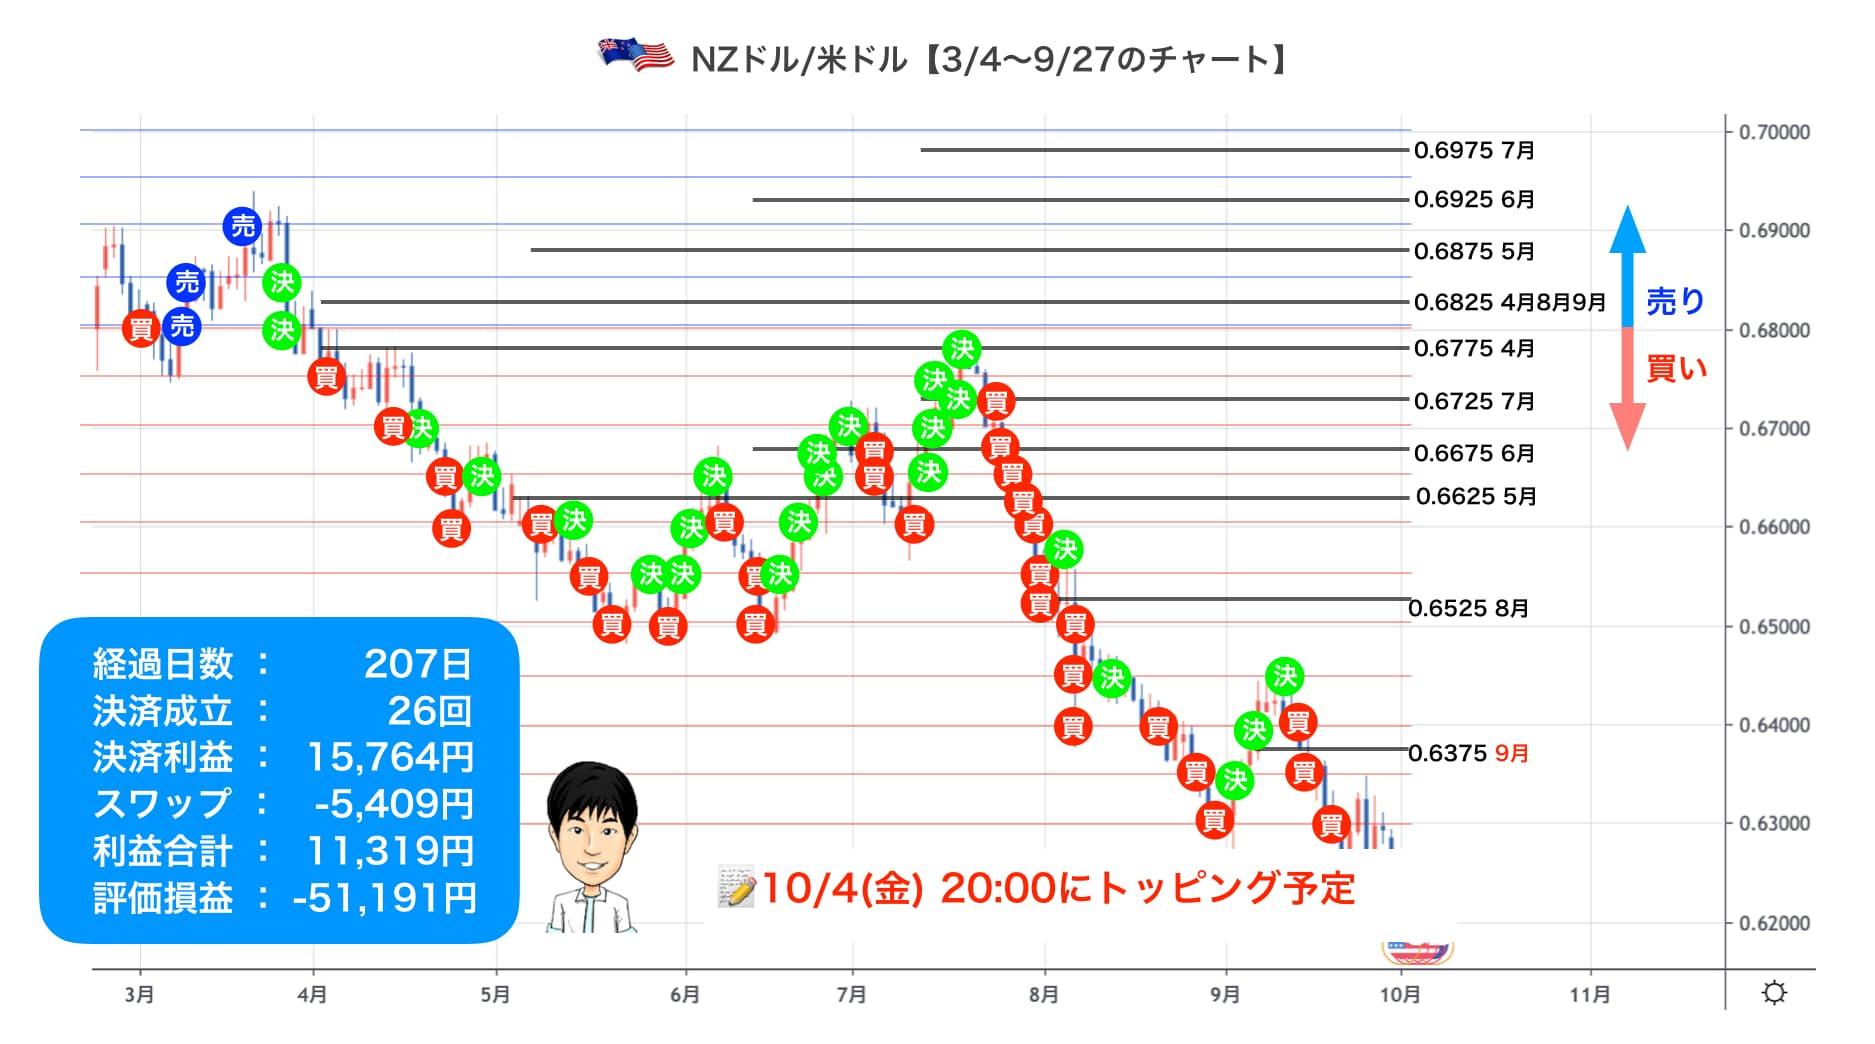 9/27のチャート